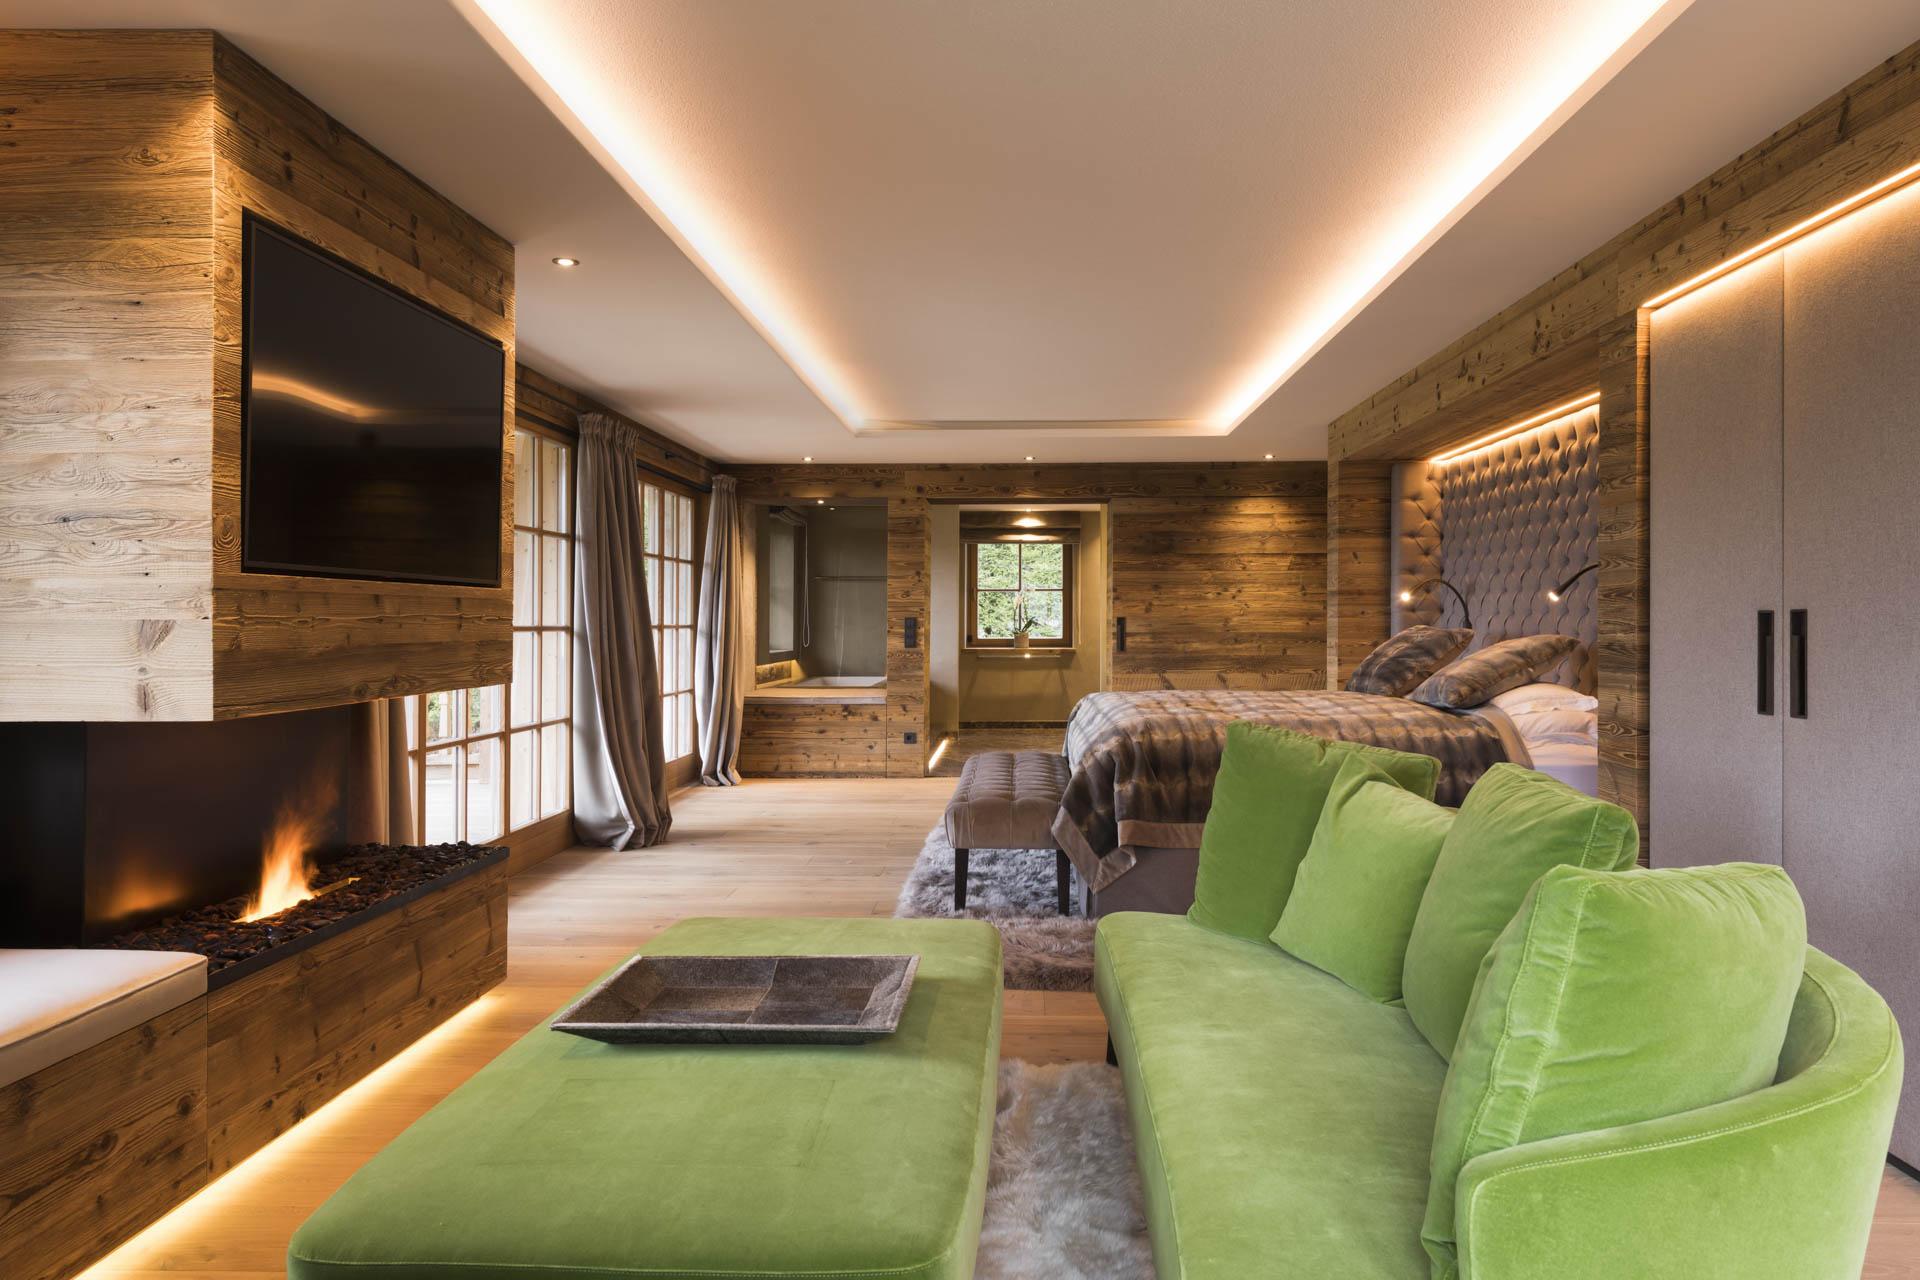 Tischlerei-Decker-Projekte-Wohnung-F-Schlafzimmer-mit-Wohnbereich